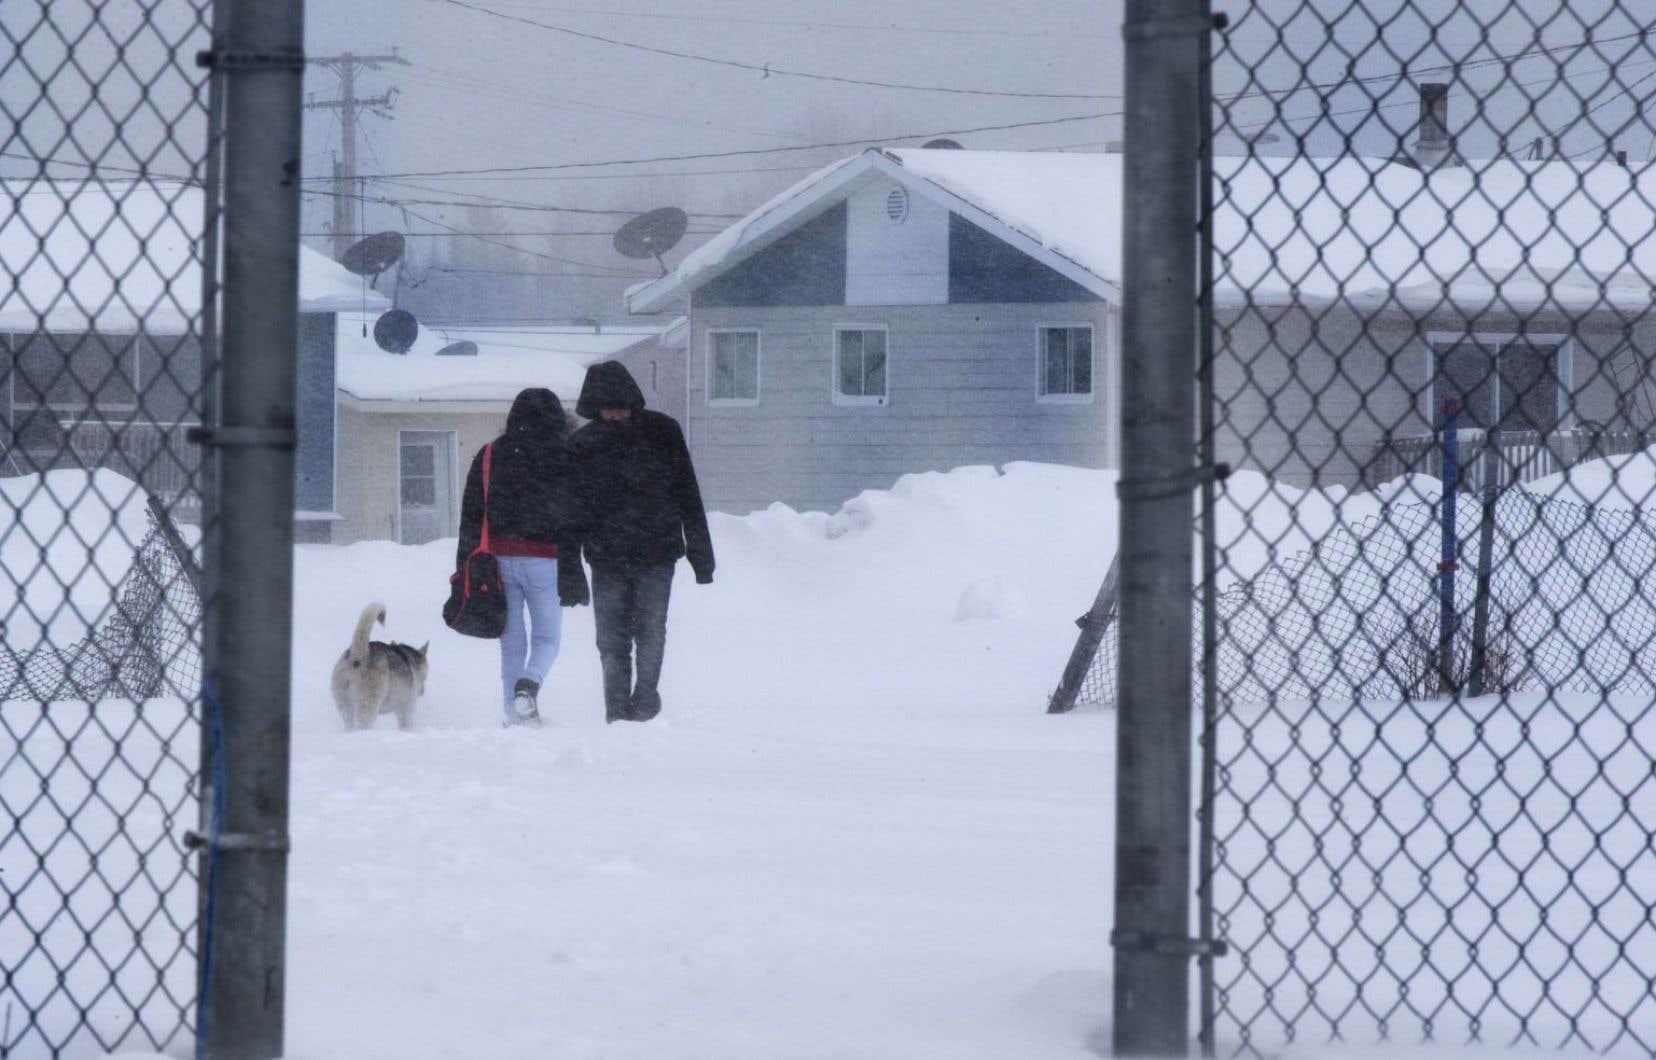 Le gouvernement Couillard bonifie l'aide pour augmenter la fréquence de la Cour itinérante en milieux cri et inuit. On compte améliorer la présence d'avocats sur place et on accroît le recours aux visioconférences.